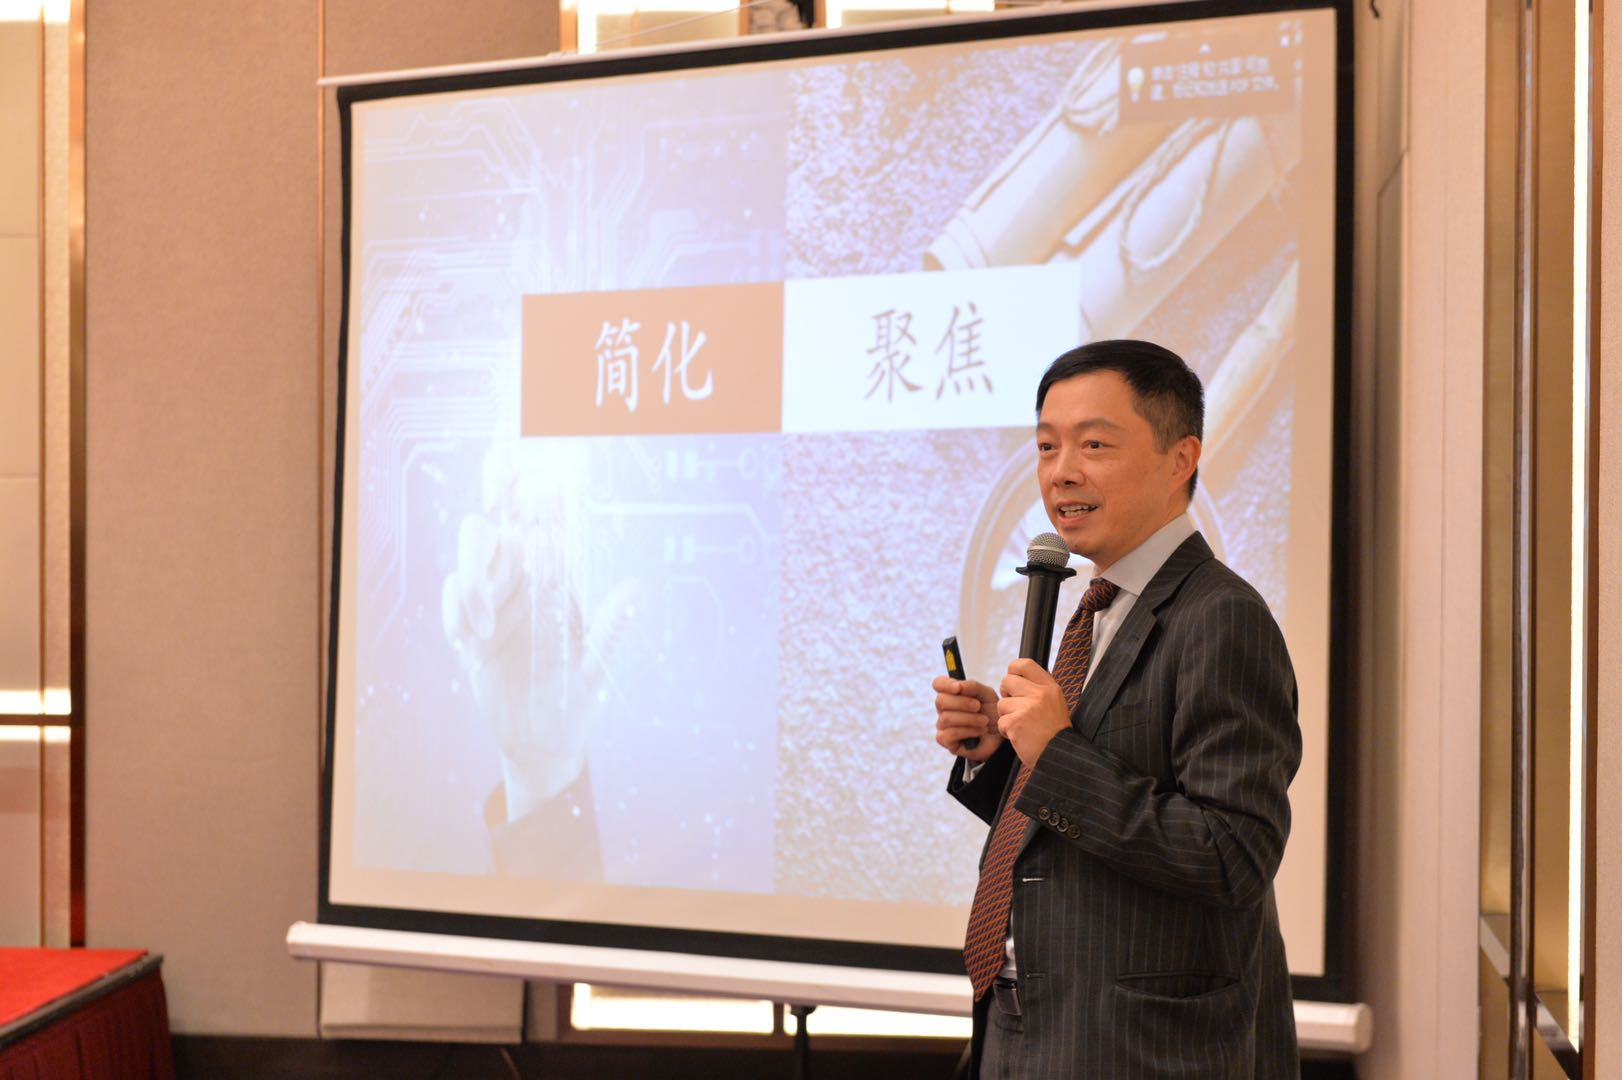 上海家化董事长潘秋生:股权激励深度绑定管理层和股东利益